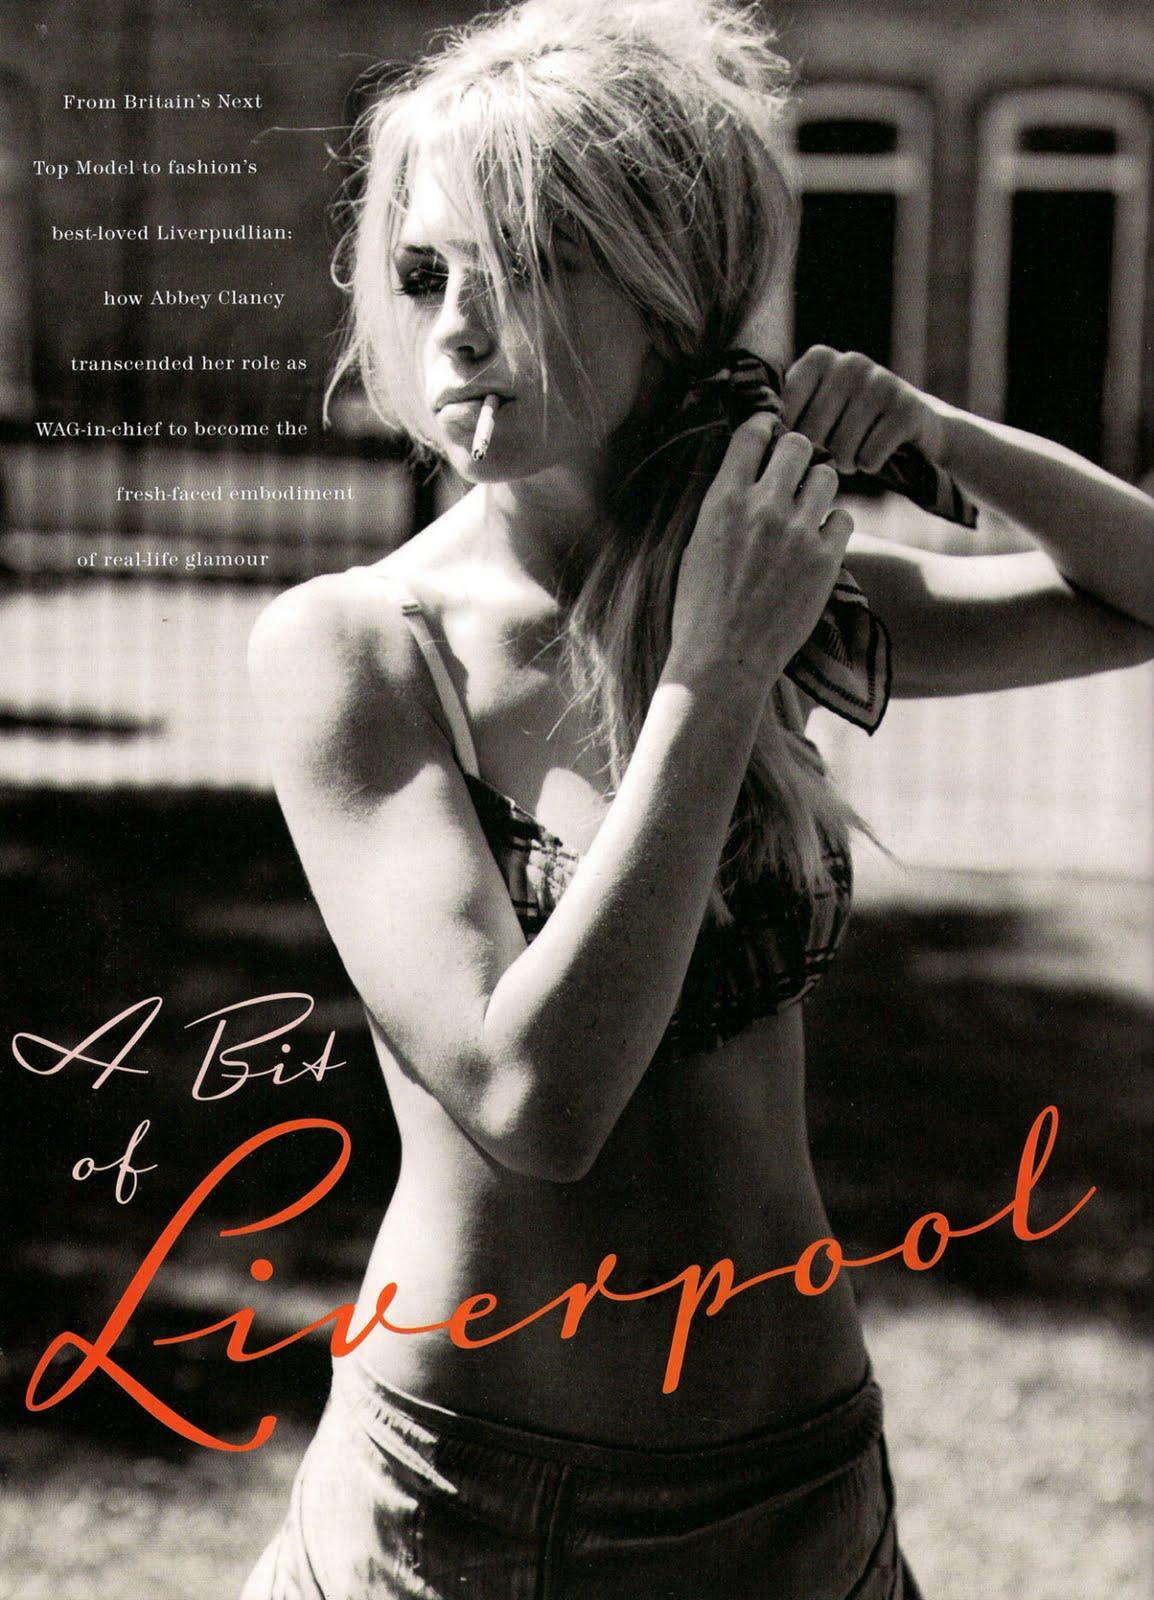 http://1.bp.blogspot.com/_QcYf_8sBCik/THyuOS-VdLI/AAAAAAAAGhM/cqRbMZpb2dQ/s1600/Abigail+Clancy+Love+Magazine+September+2010+UK.jpg